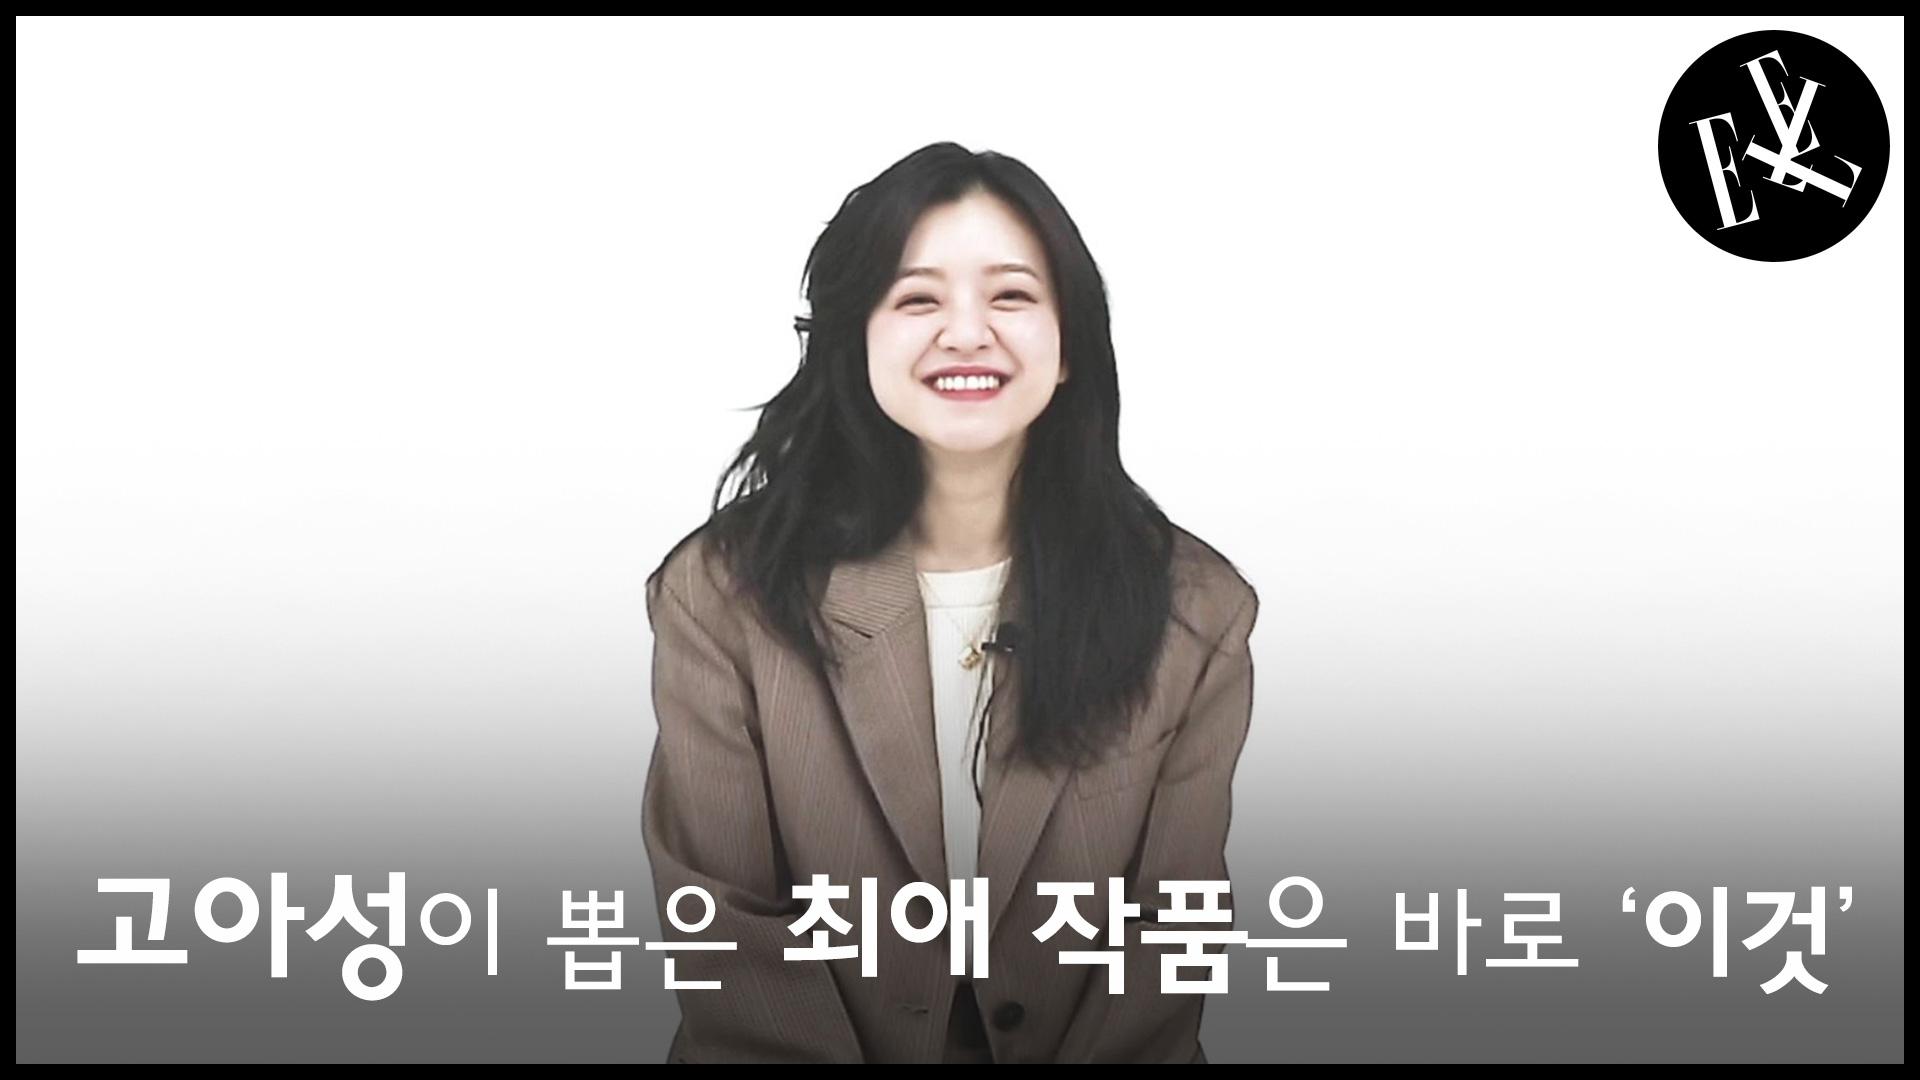 배우 고아성이 영화 '항거'를 해야겠다고 결심한 이유 #ELLE타임라인